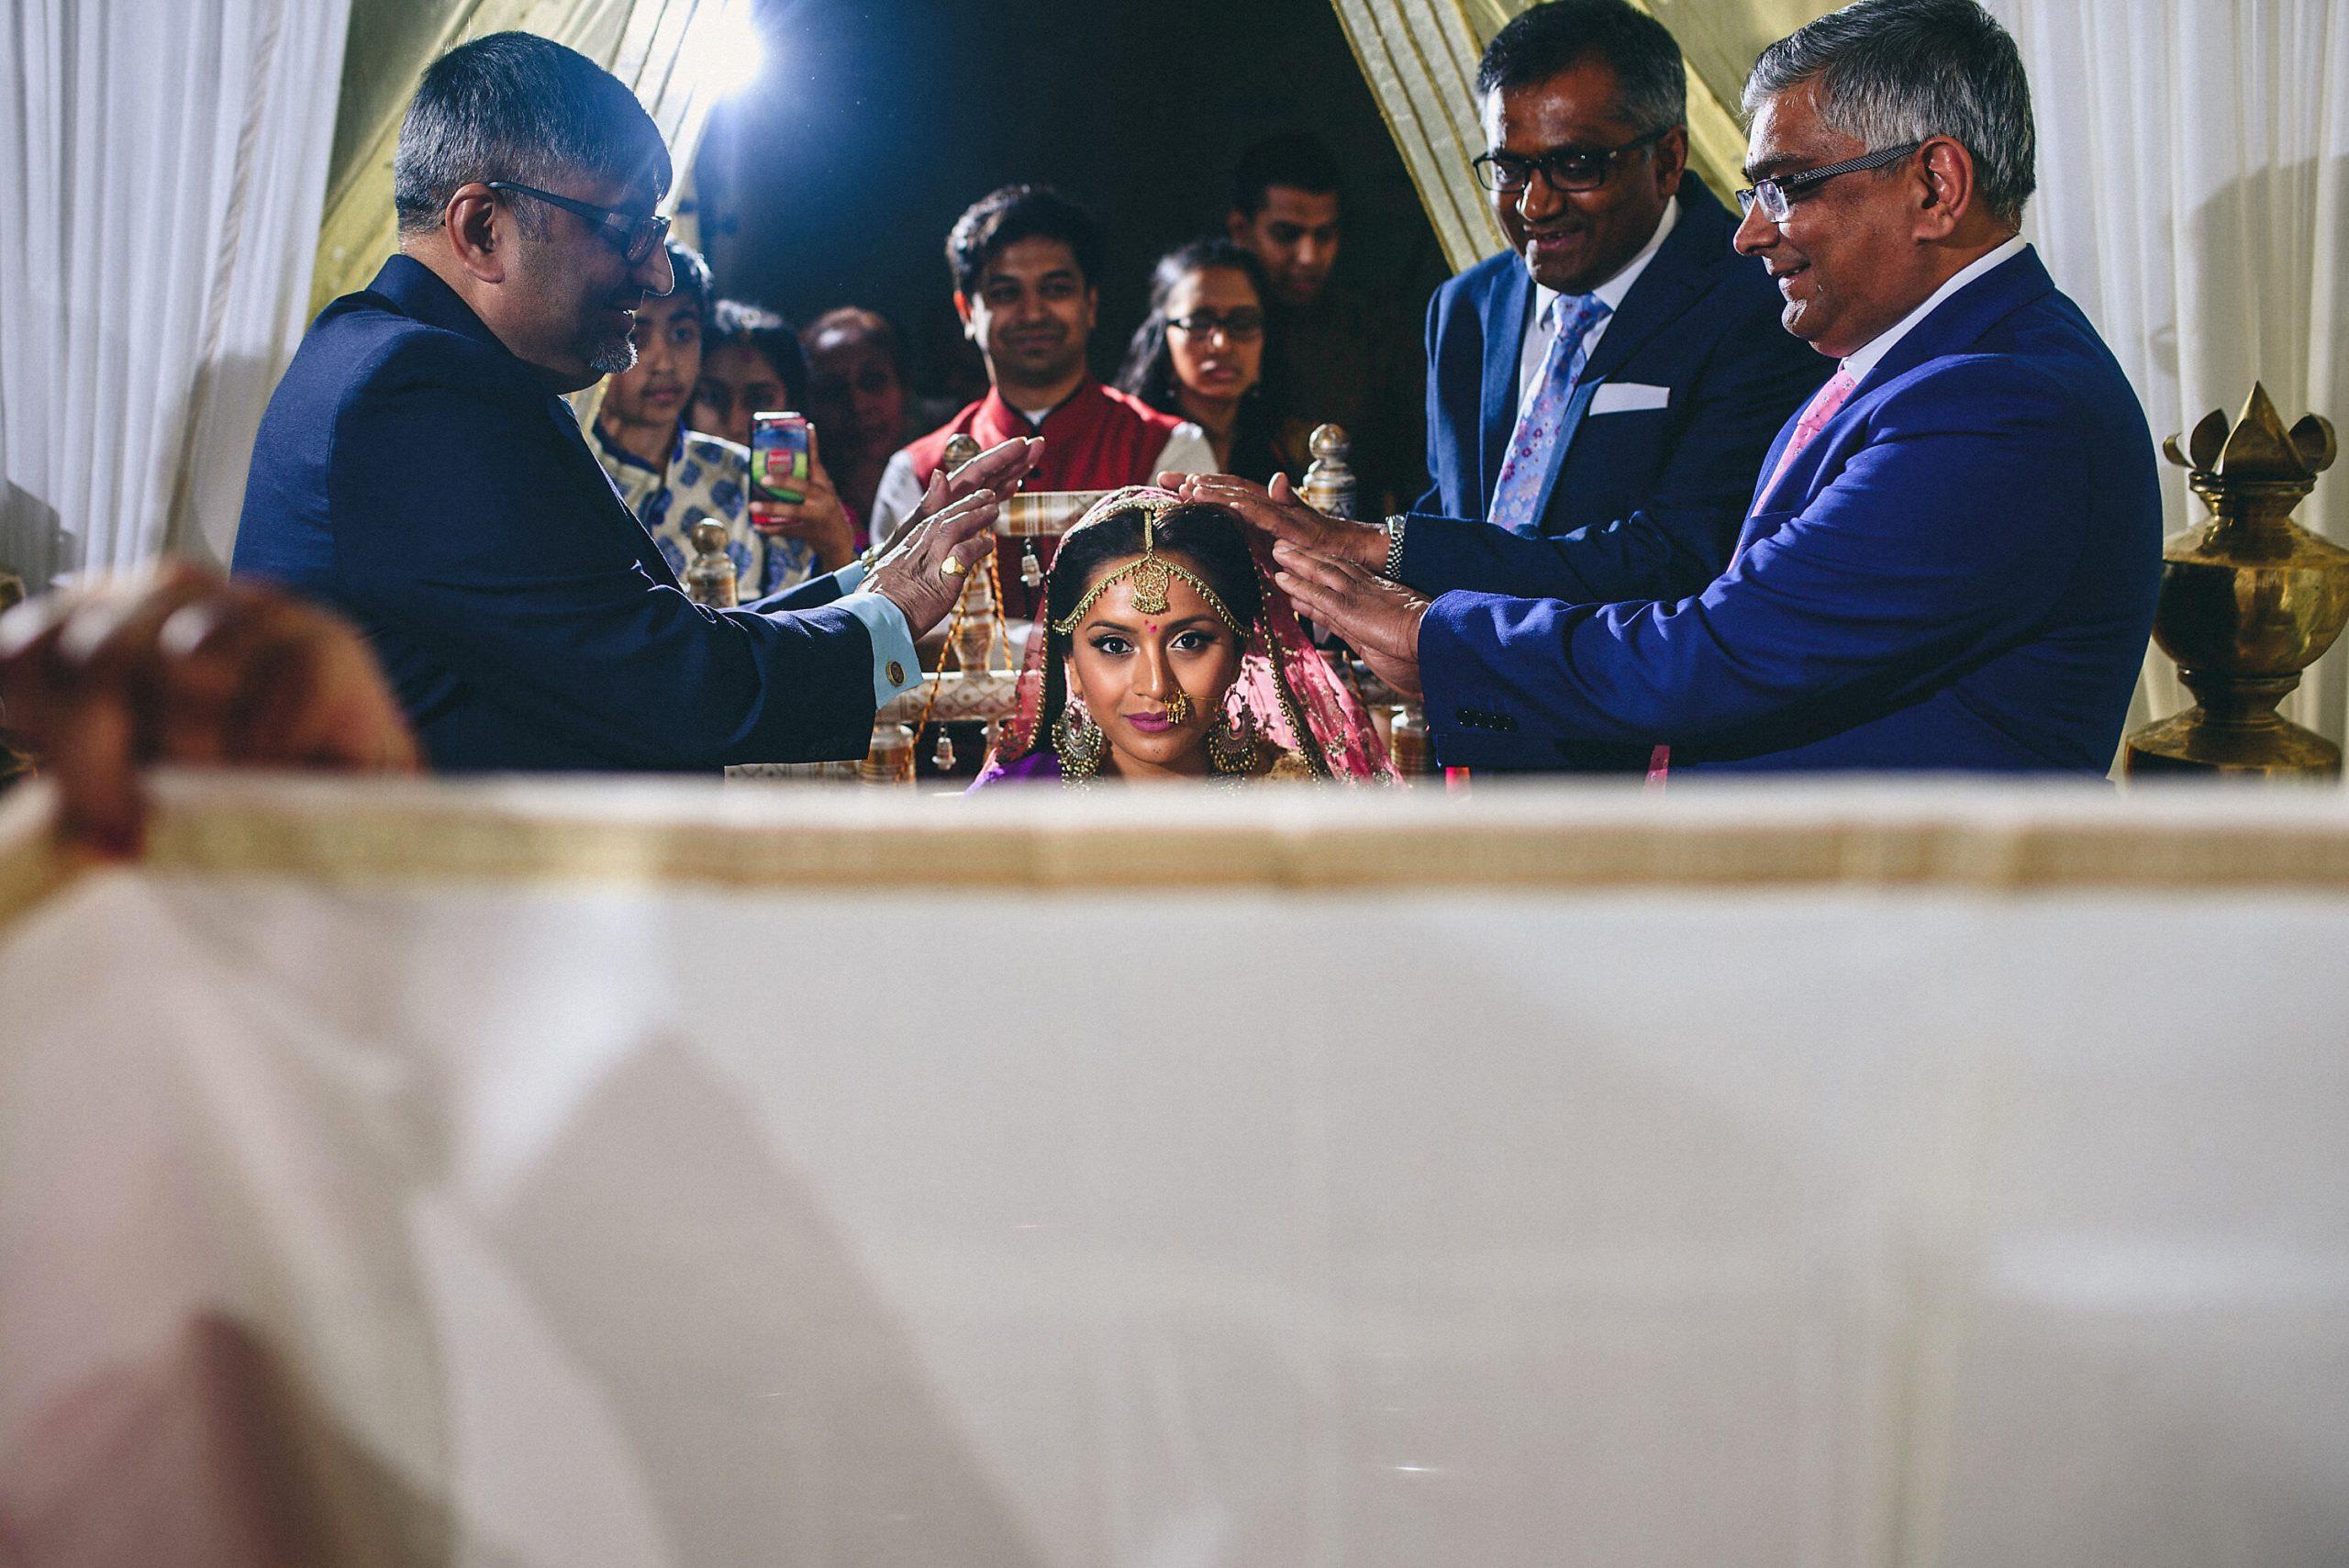 Award winning Indian wedding photos